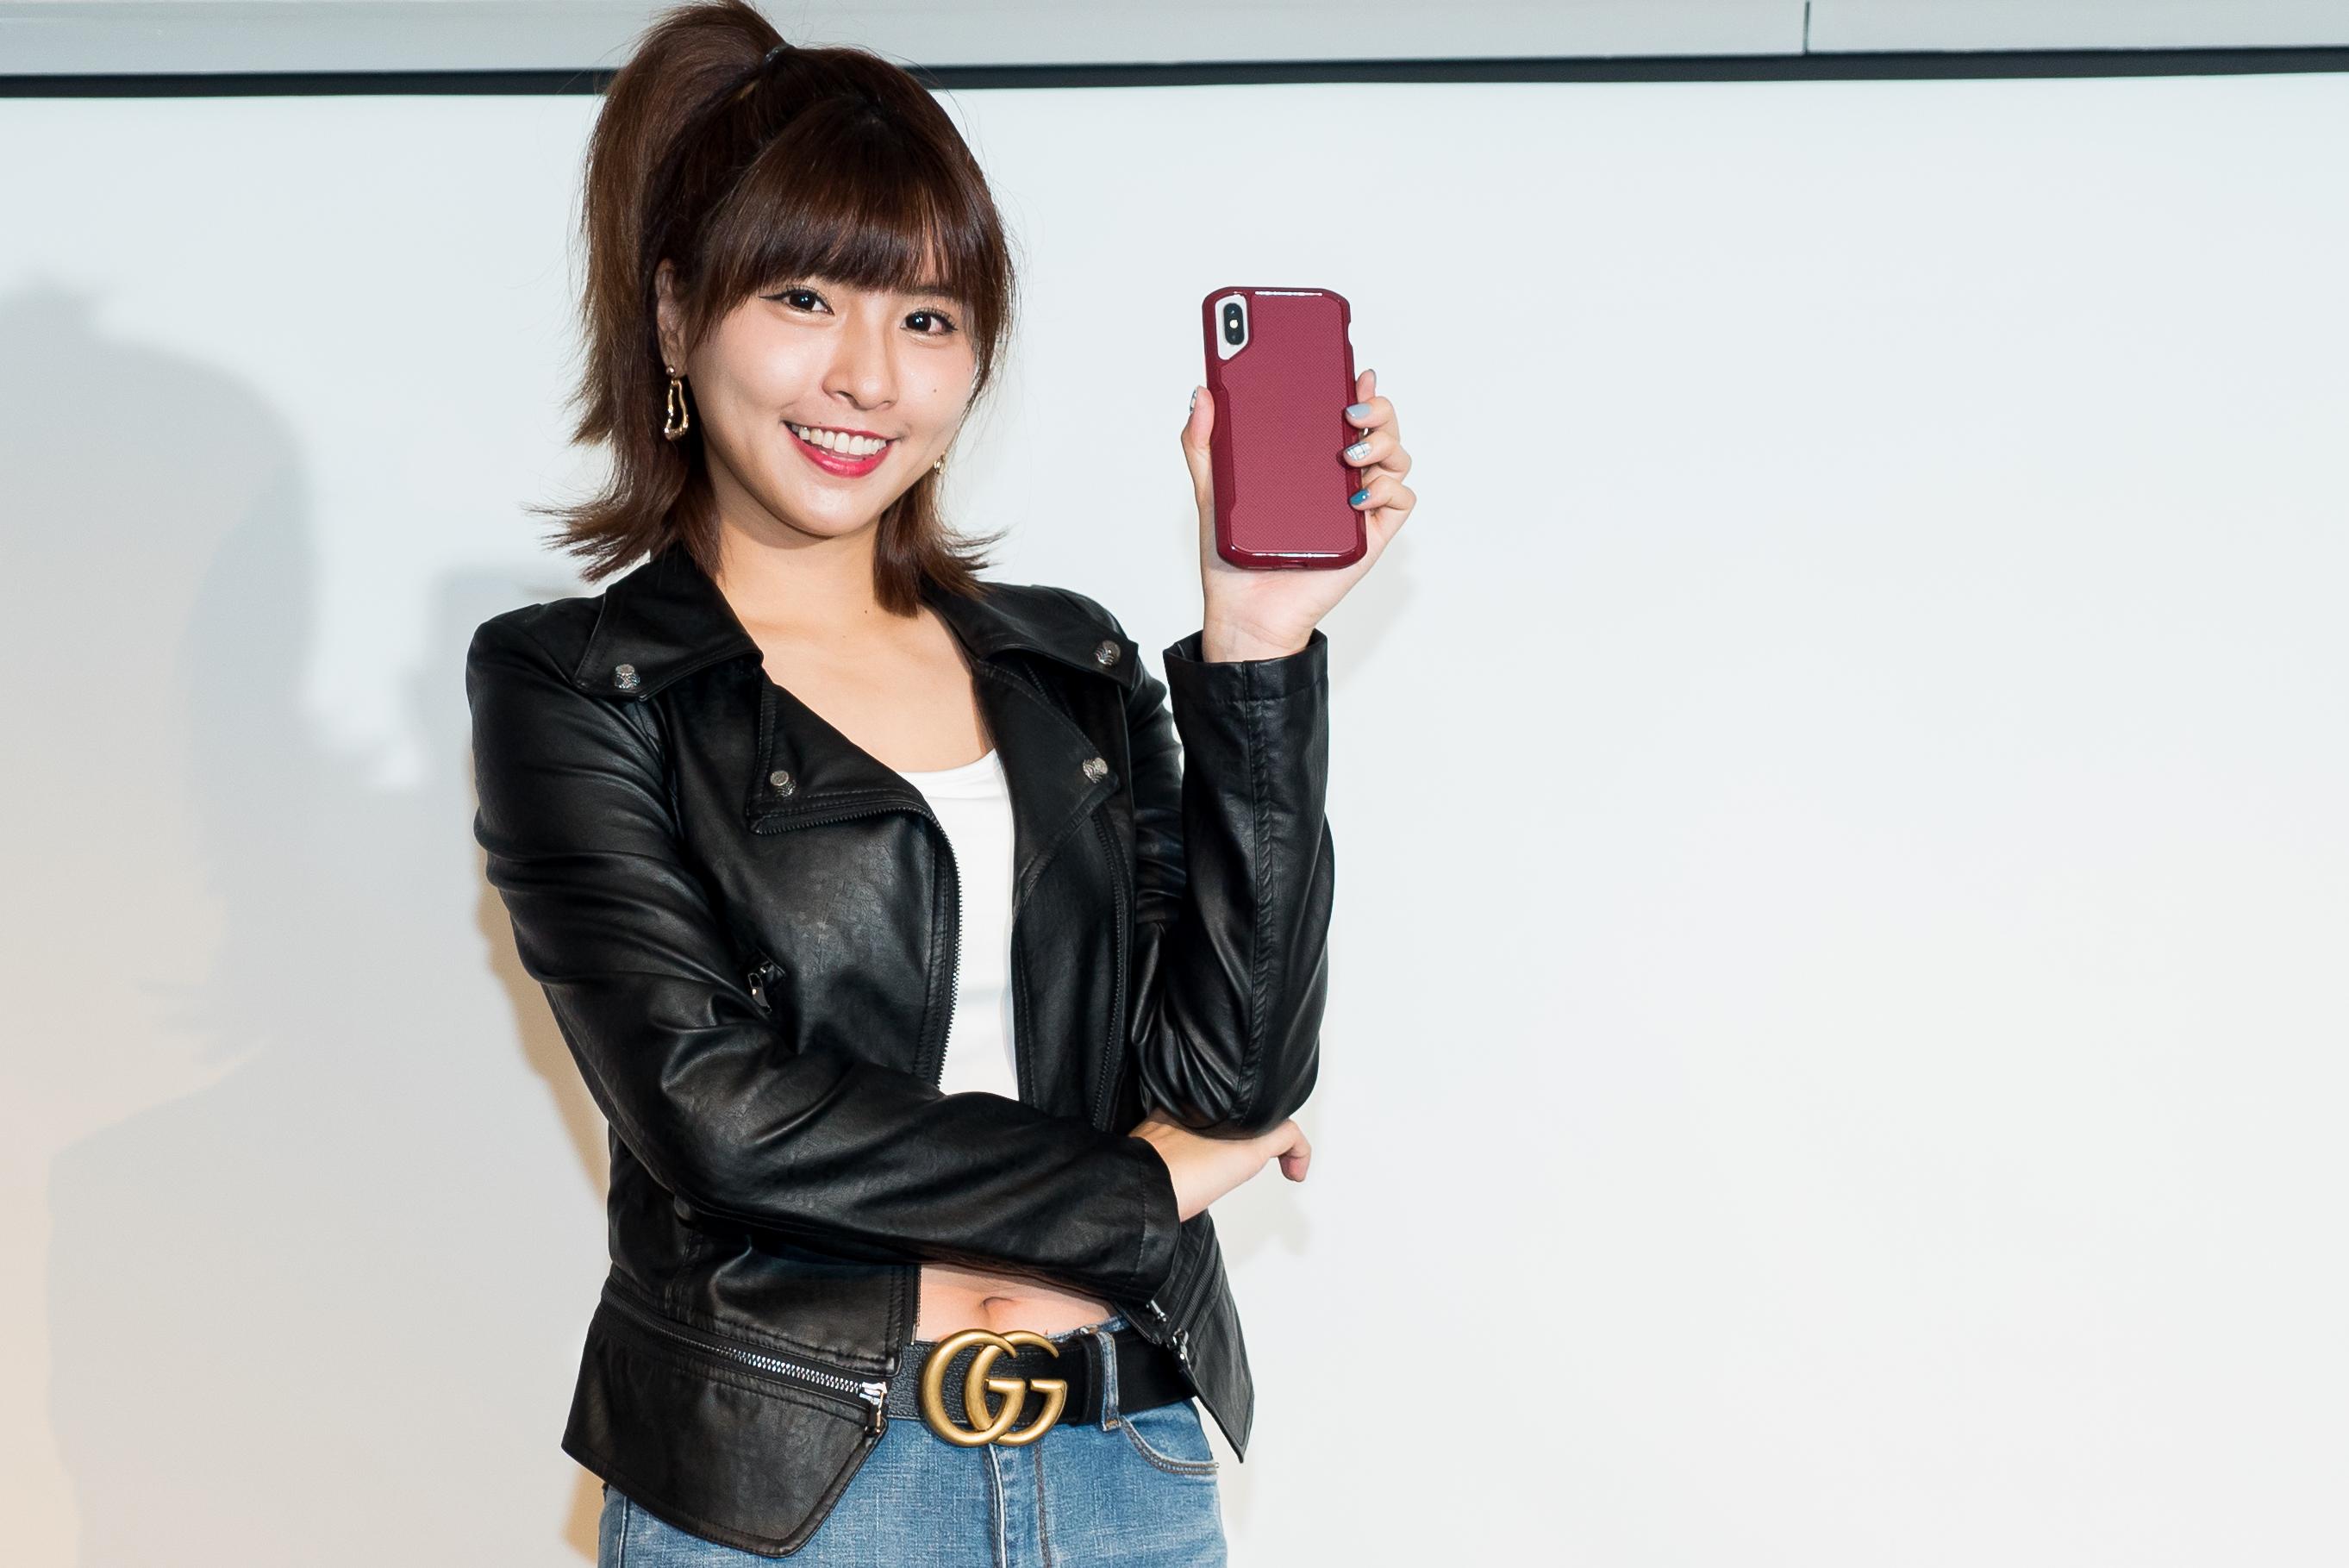 美國頂級手機殼品牌記者會,詹子晴、陳彥名大玩時尚,峮峮扮酷聊賽車。